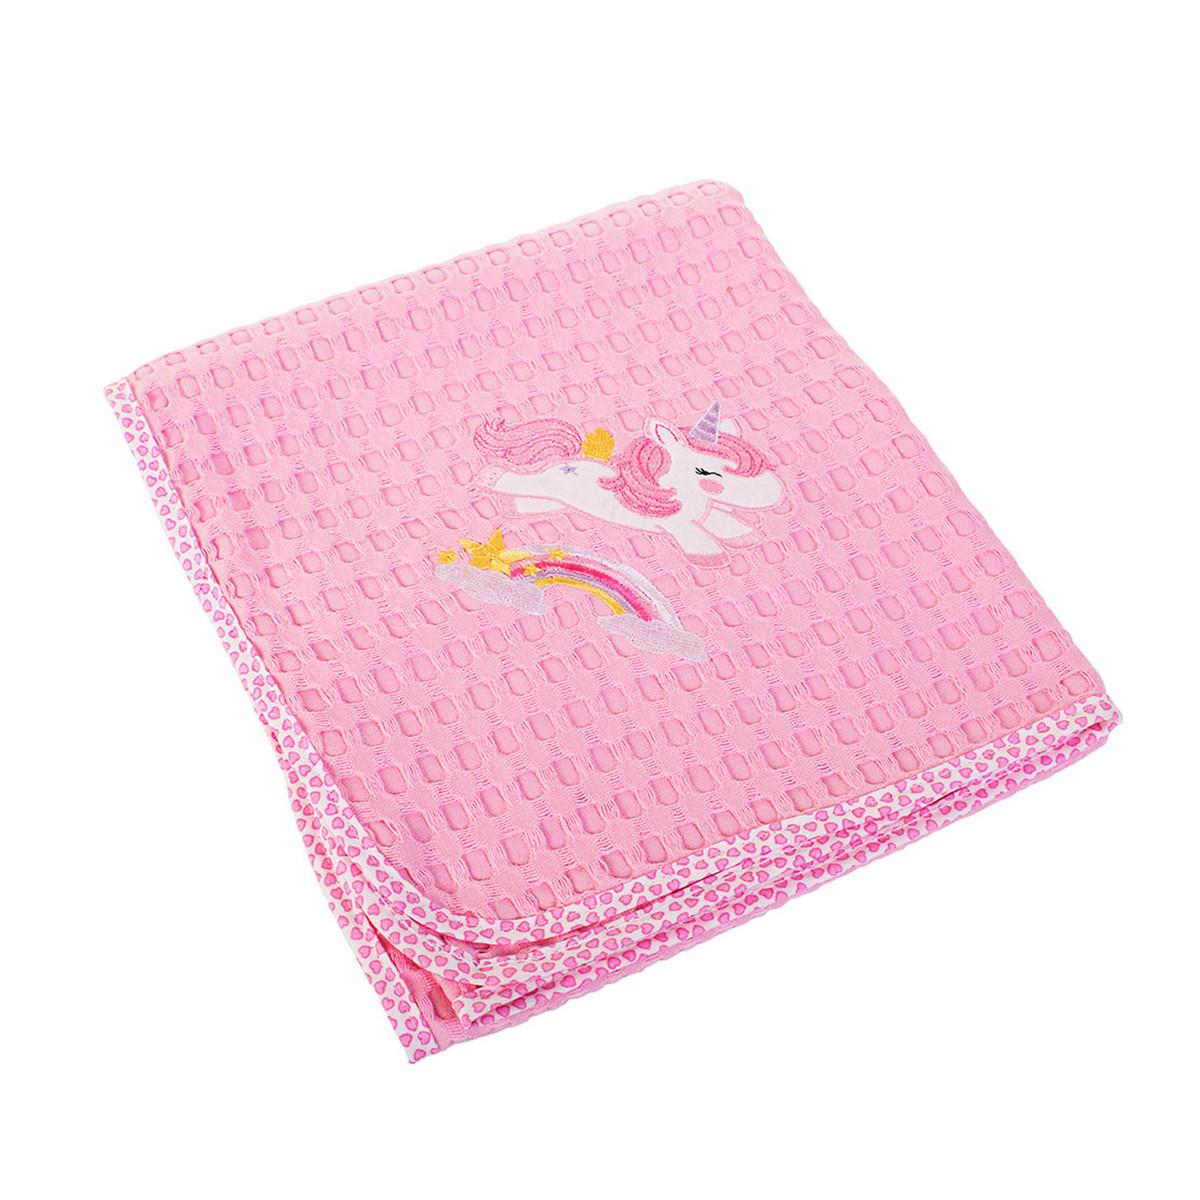 Κουβέρτα Πικέ Κούνιας Dim Collection Unicorn 41 Ροζ